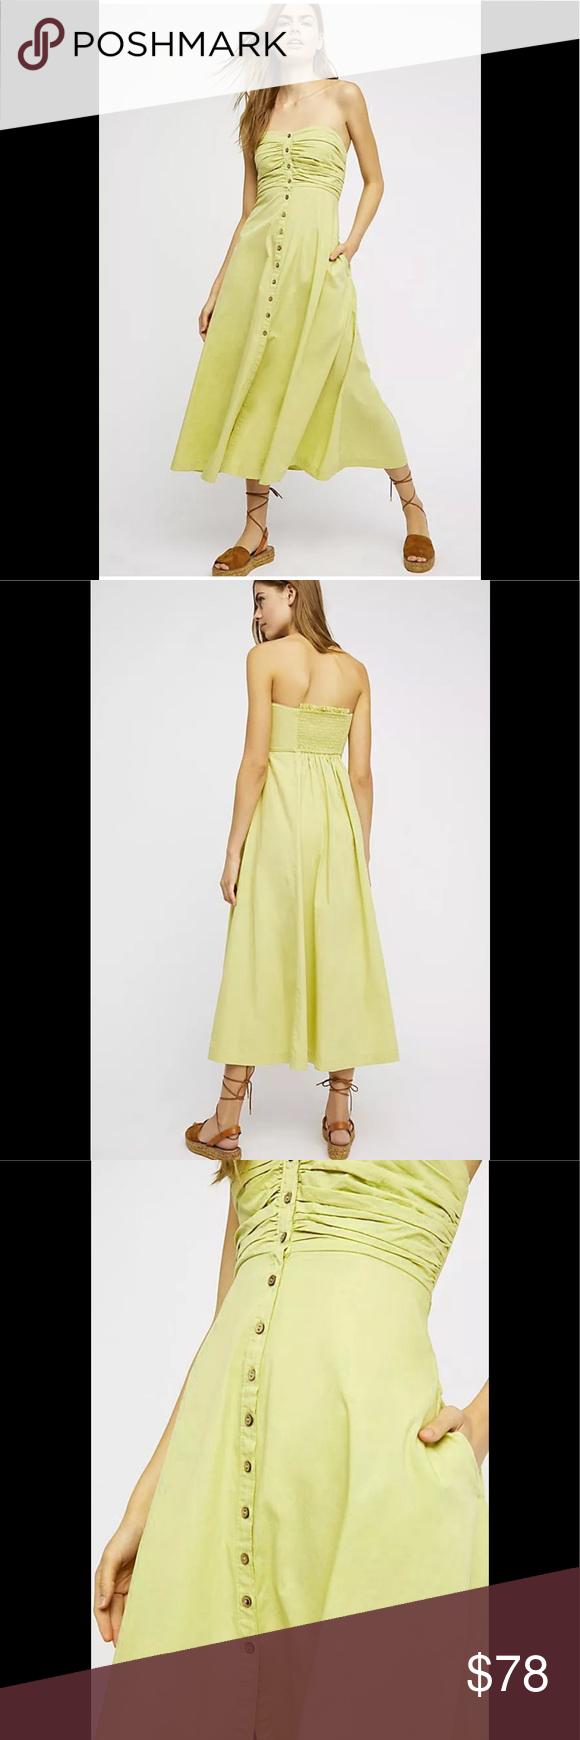 84def768cb7 Free People The Isha Tube Midi Dress S NEW Lime Firm🌻Free People The Isha